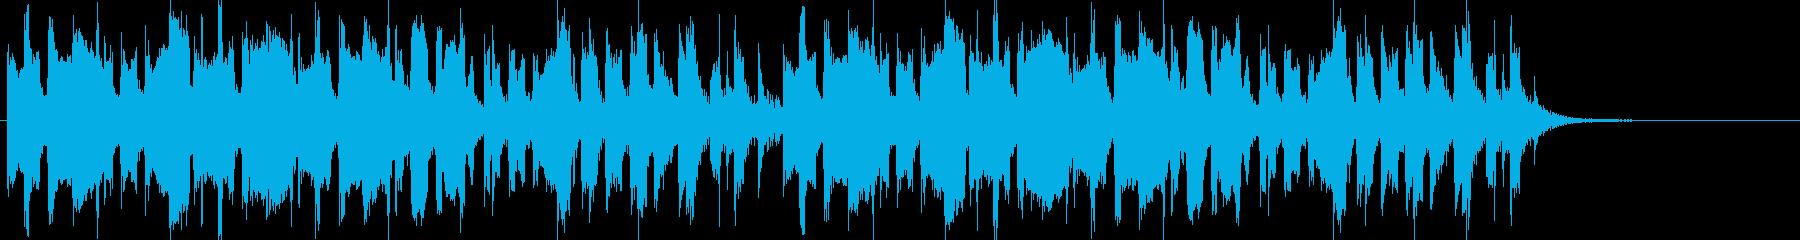 ほのぼの系 (子供や動物の動画に最適)の再生済みの波形